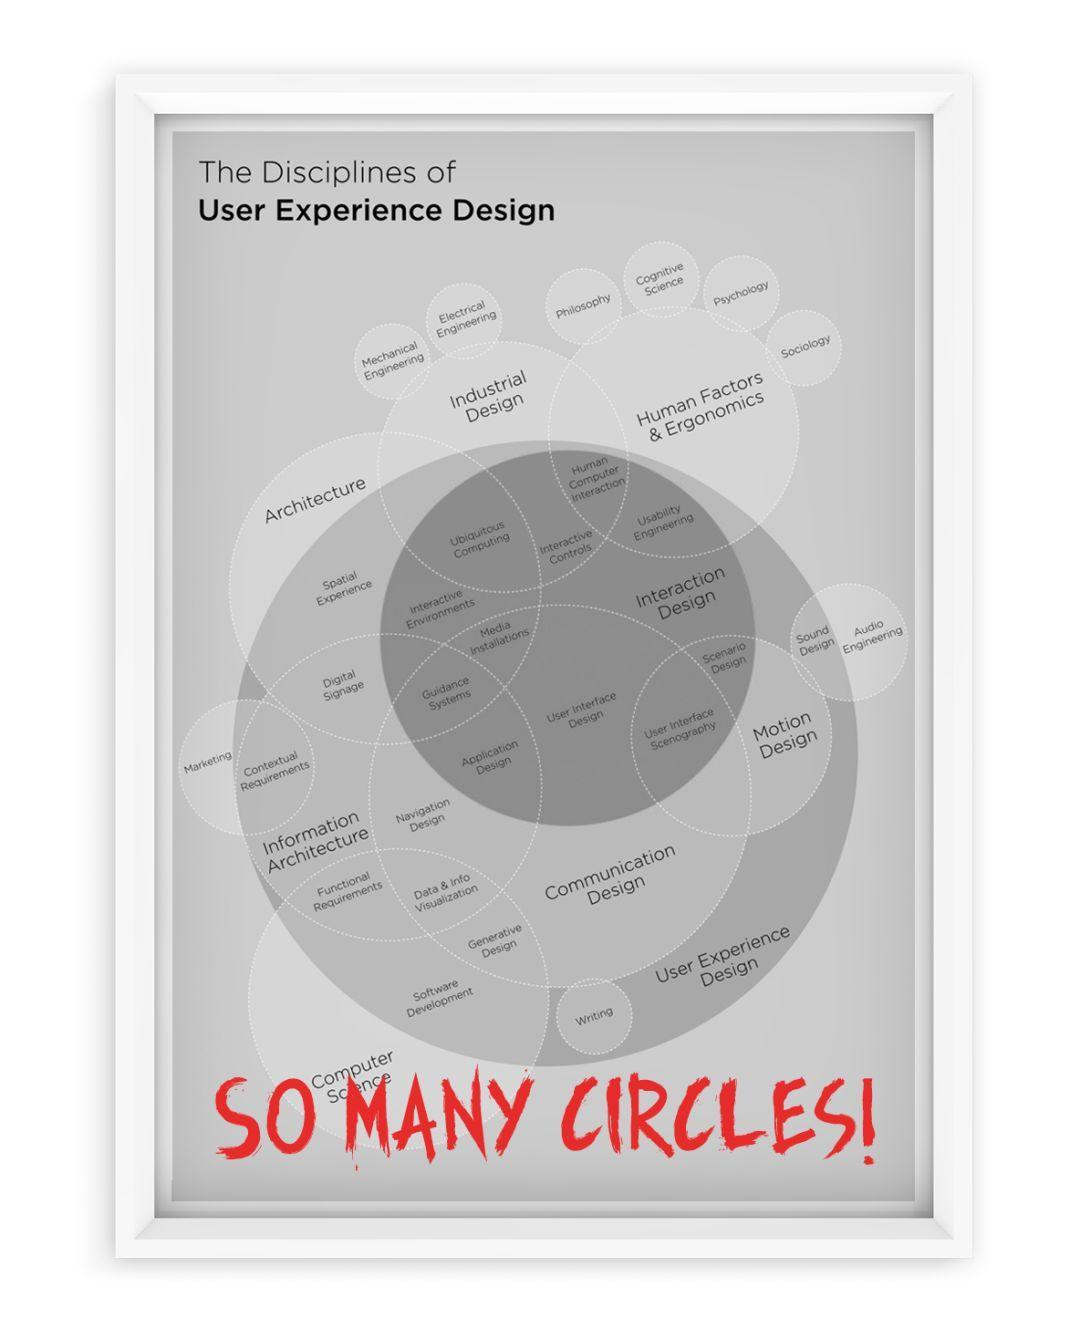 你需要认识到每个人都是设计师